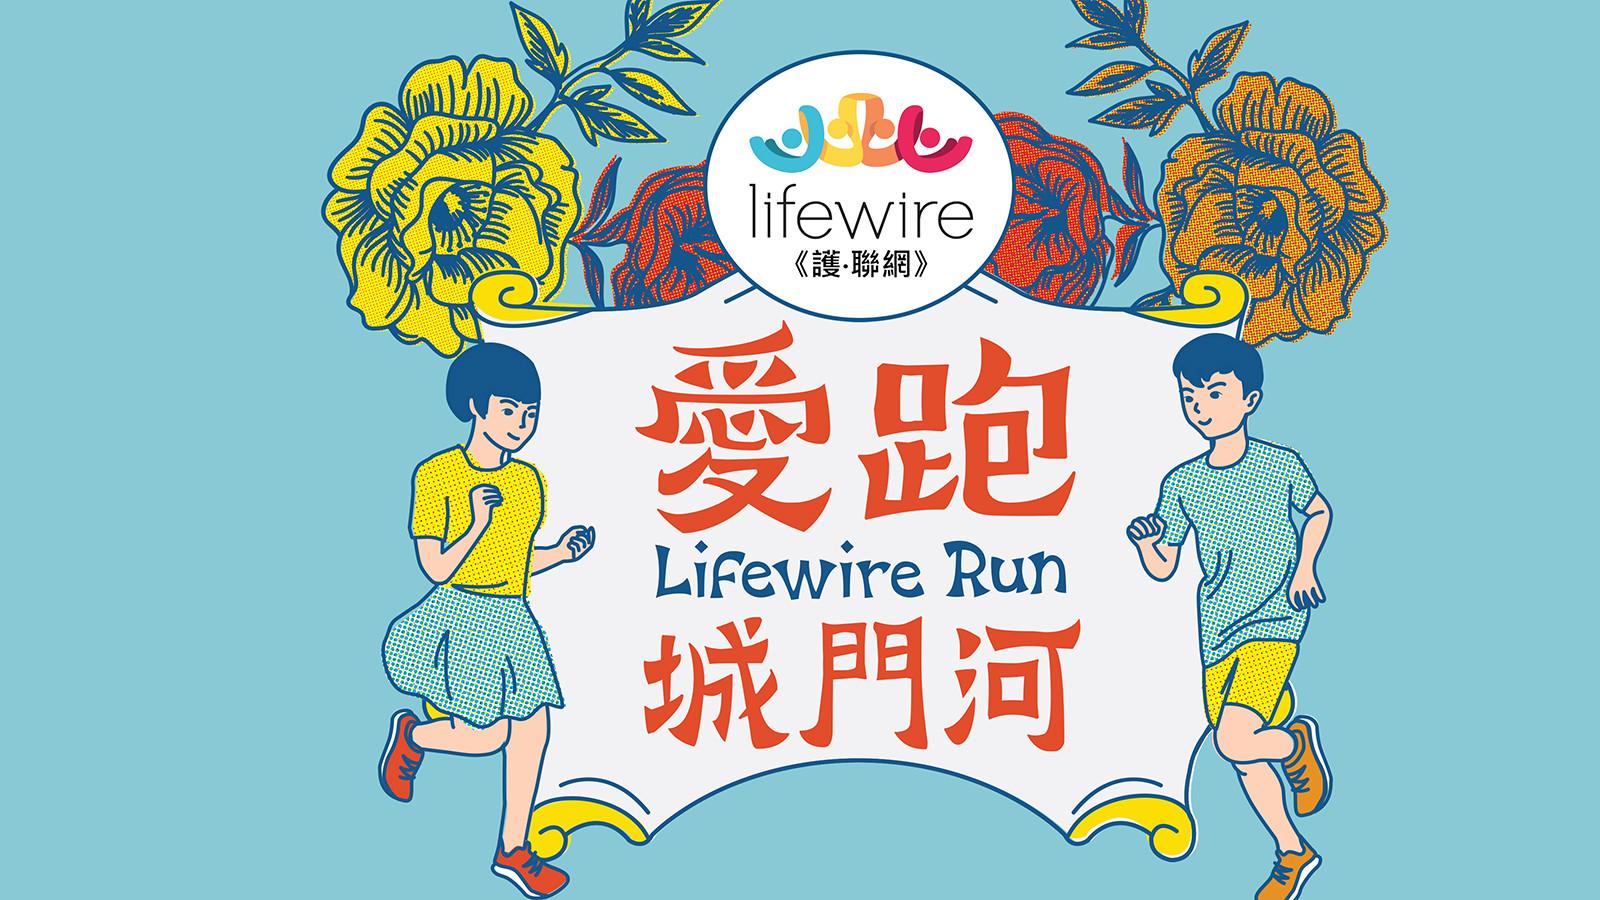 [運動] Lifewire Run 2019 愛跑.城門河